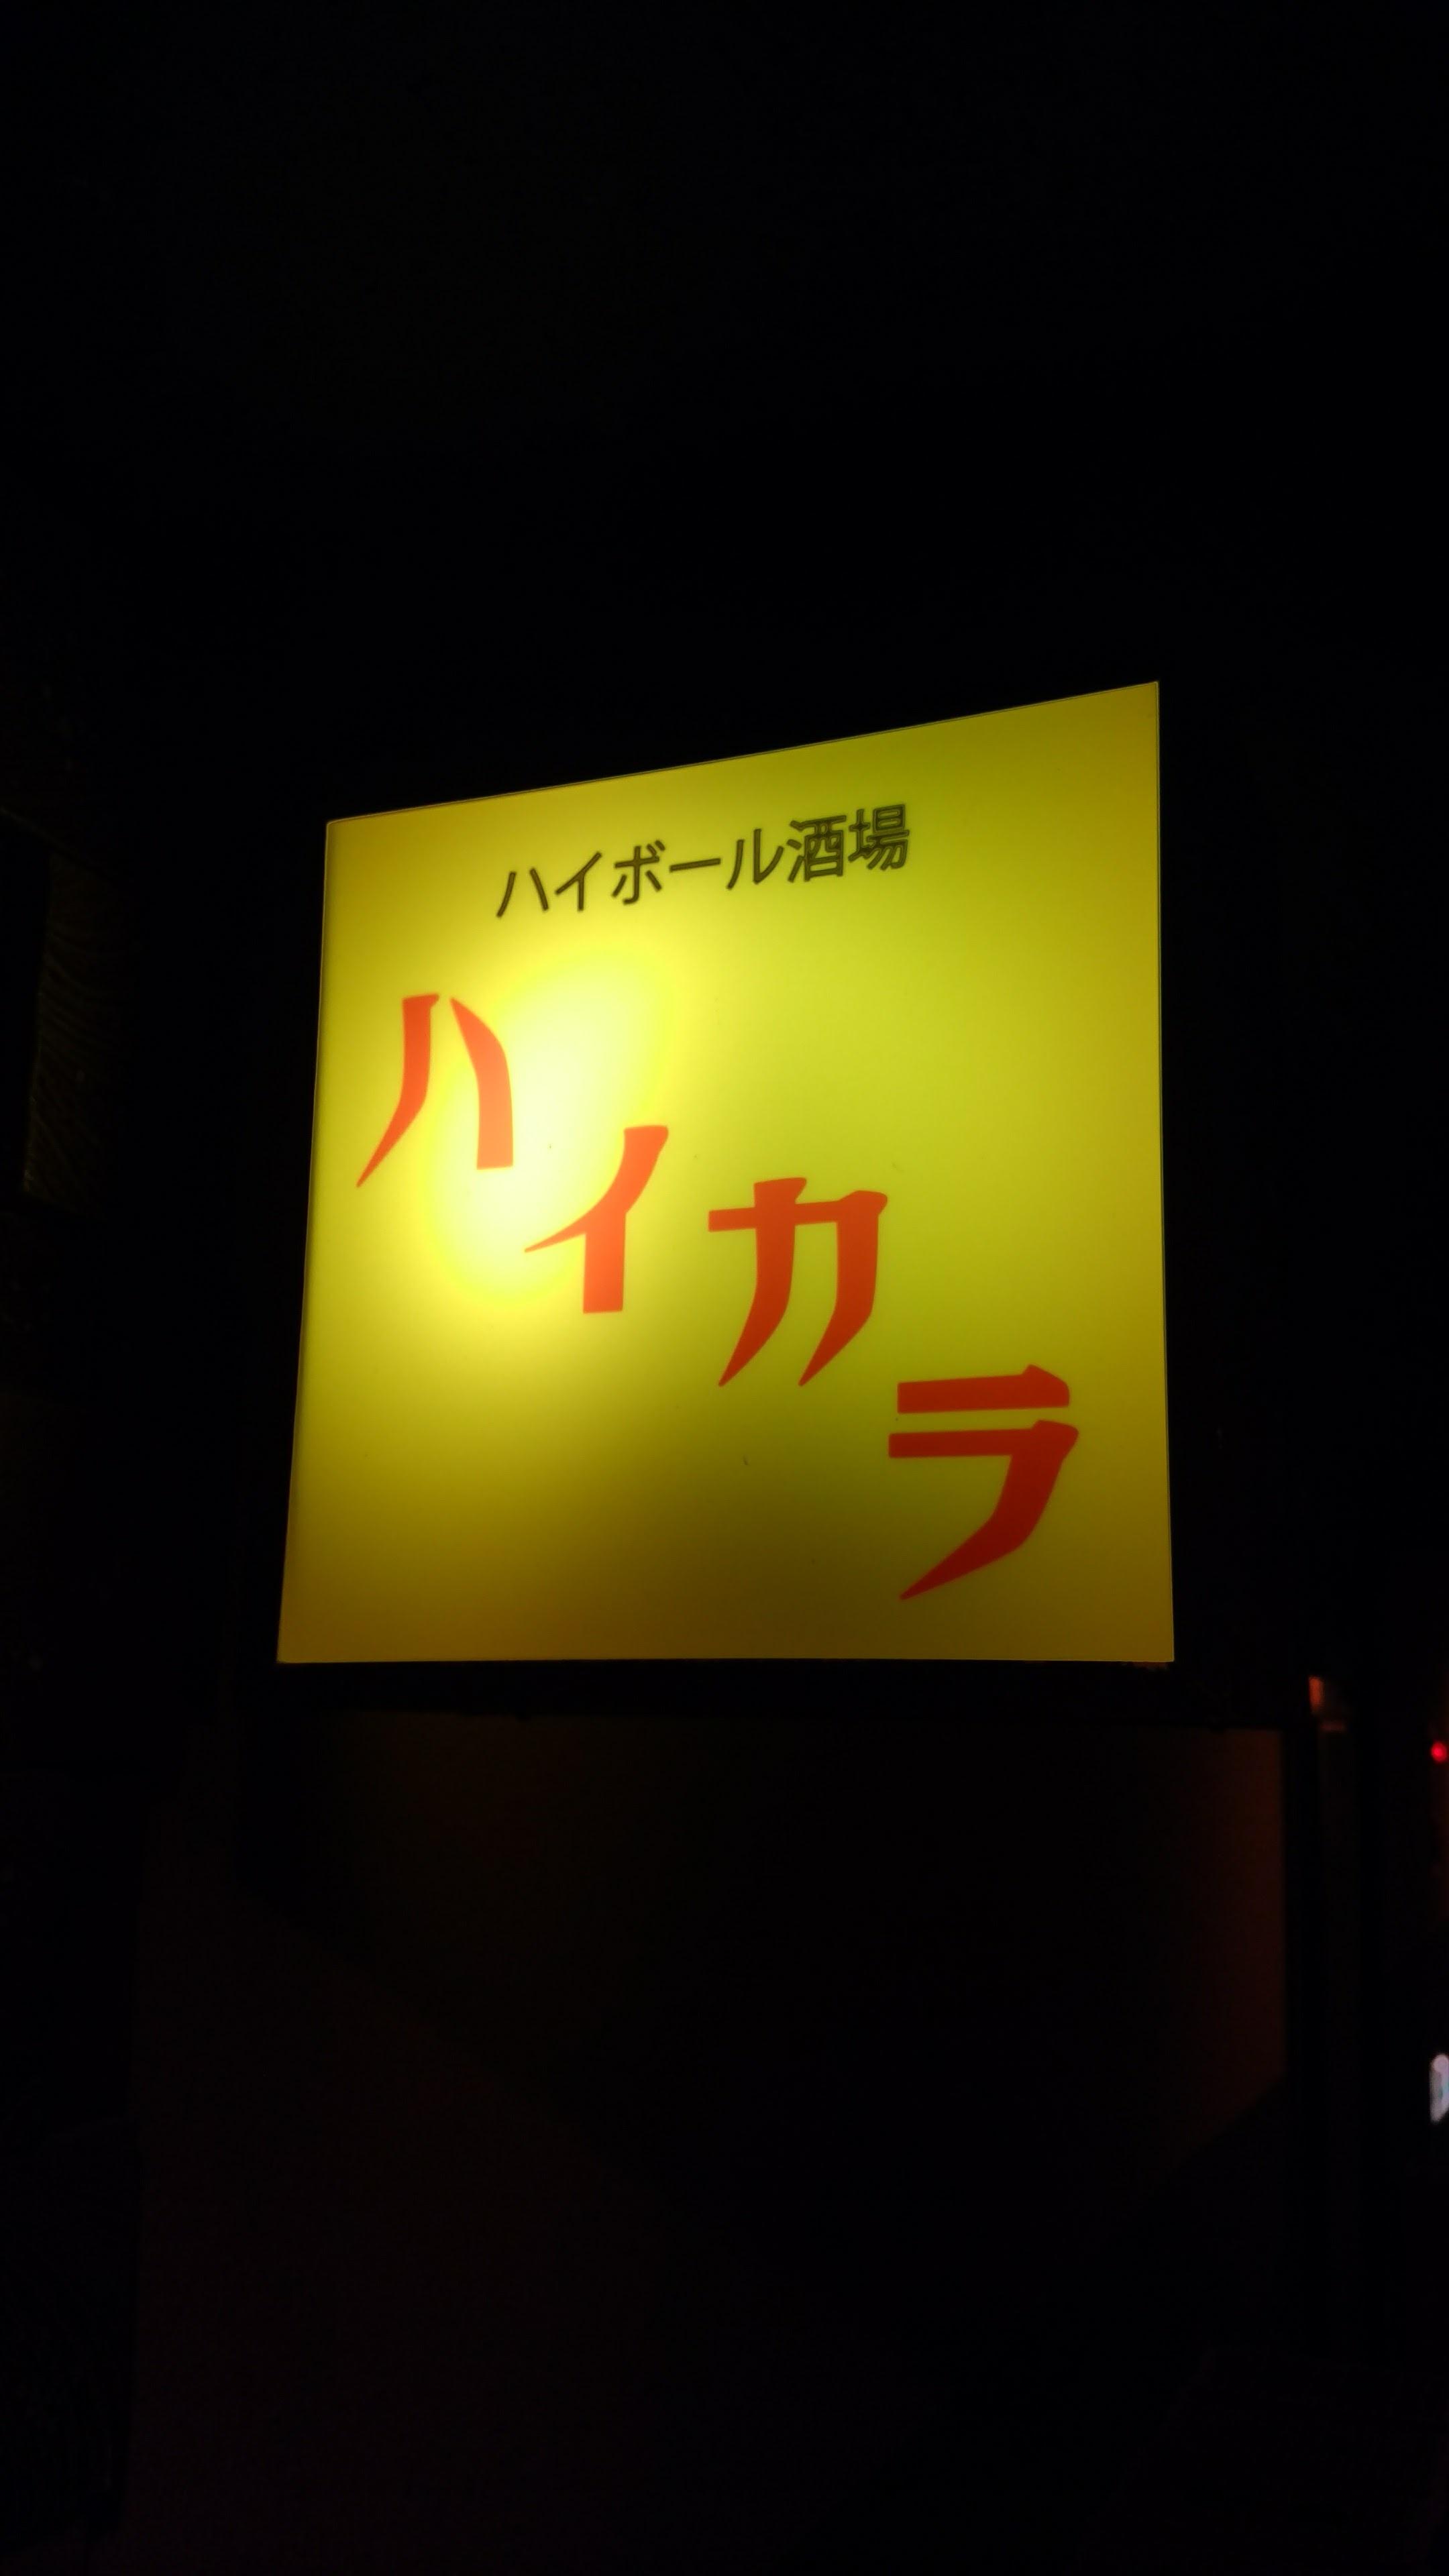 ハイボール酒場 ハイカラ name=